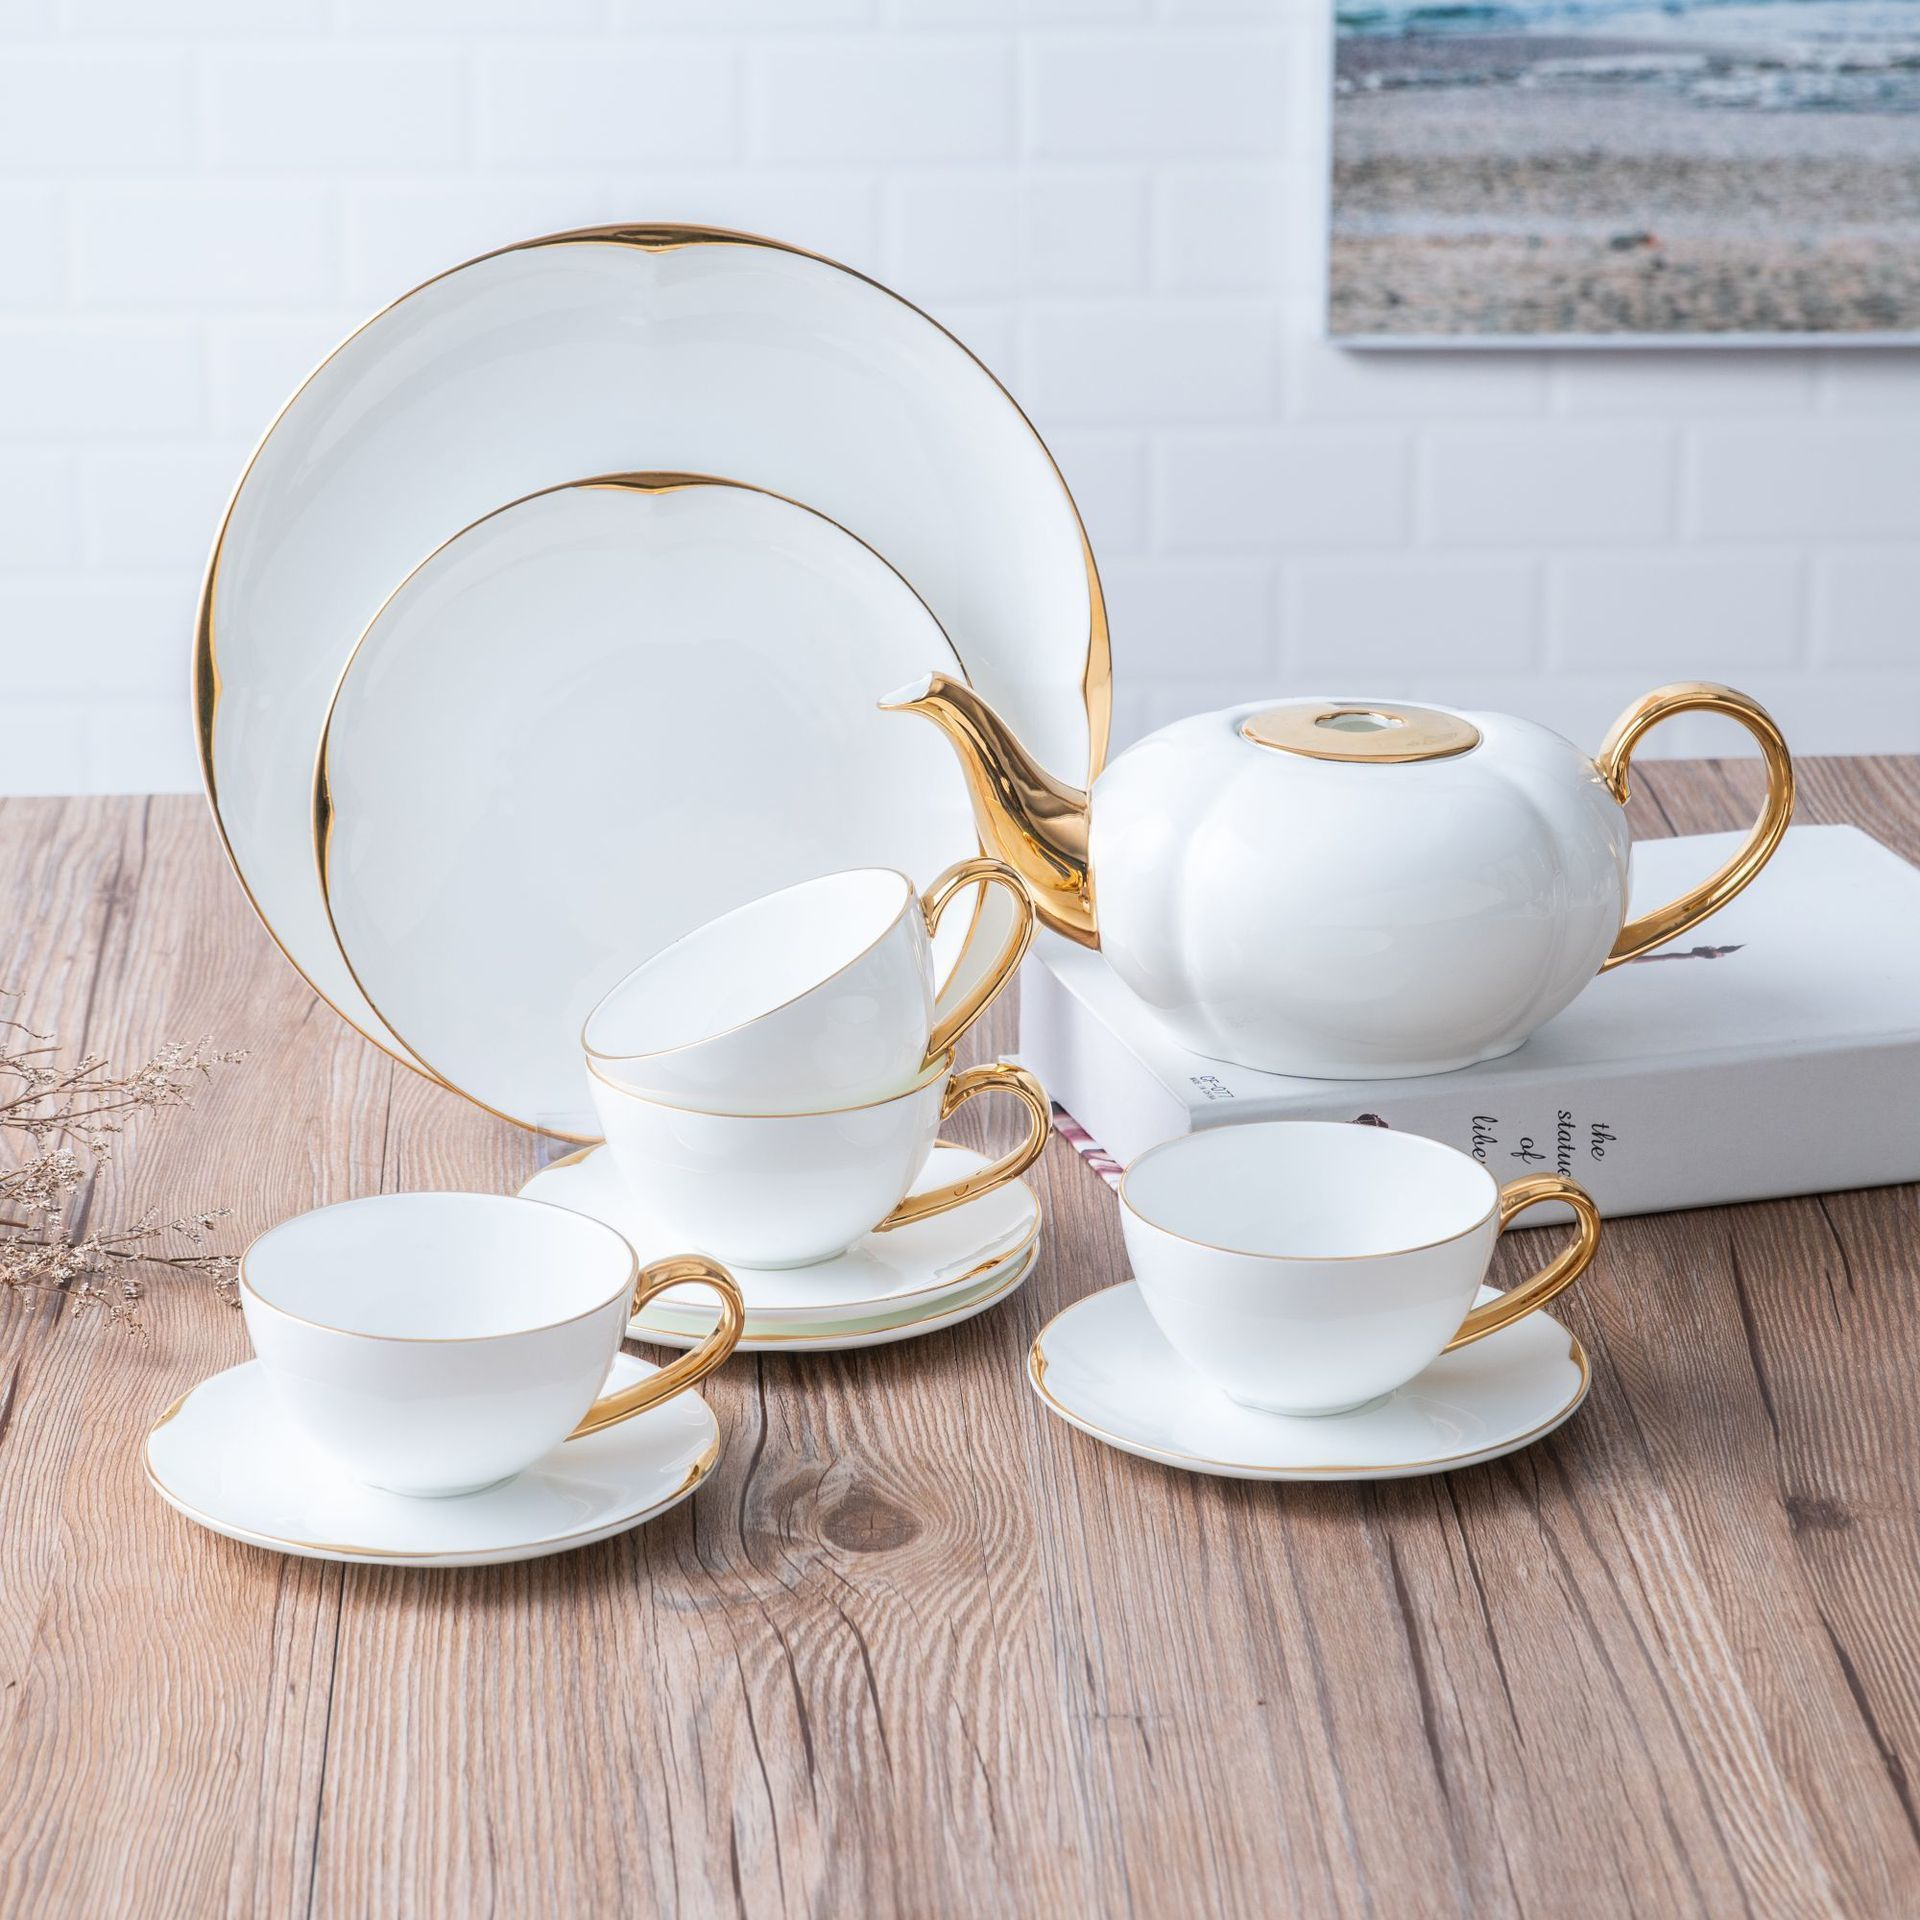 Os chine café Service concis Trace un Design en céramique d'or tasse et soucoupe plaque nord Europe après-midi thé costume